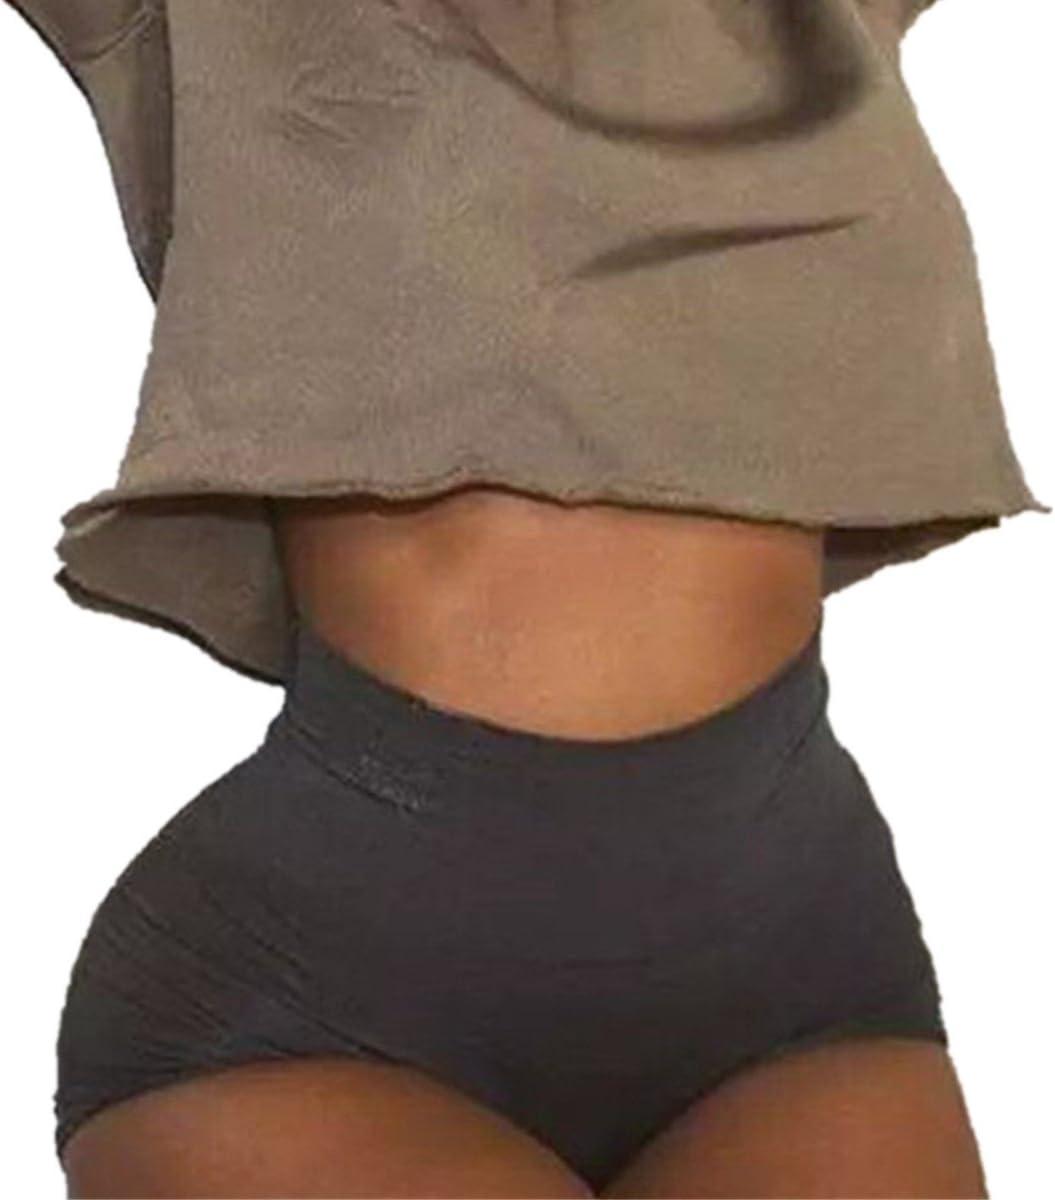 HNJZX Women Casual Yoga Sports Running Short Pants Running Shorts Hot Pants Sports Shorts